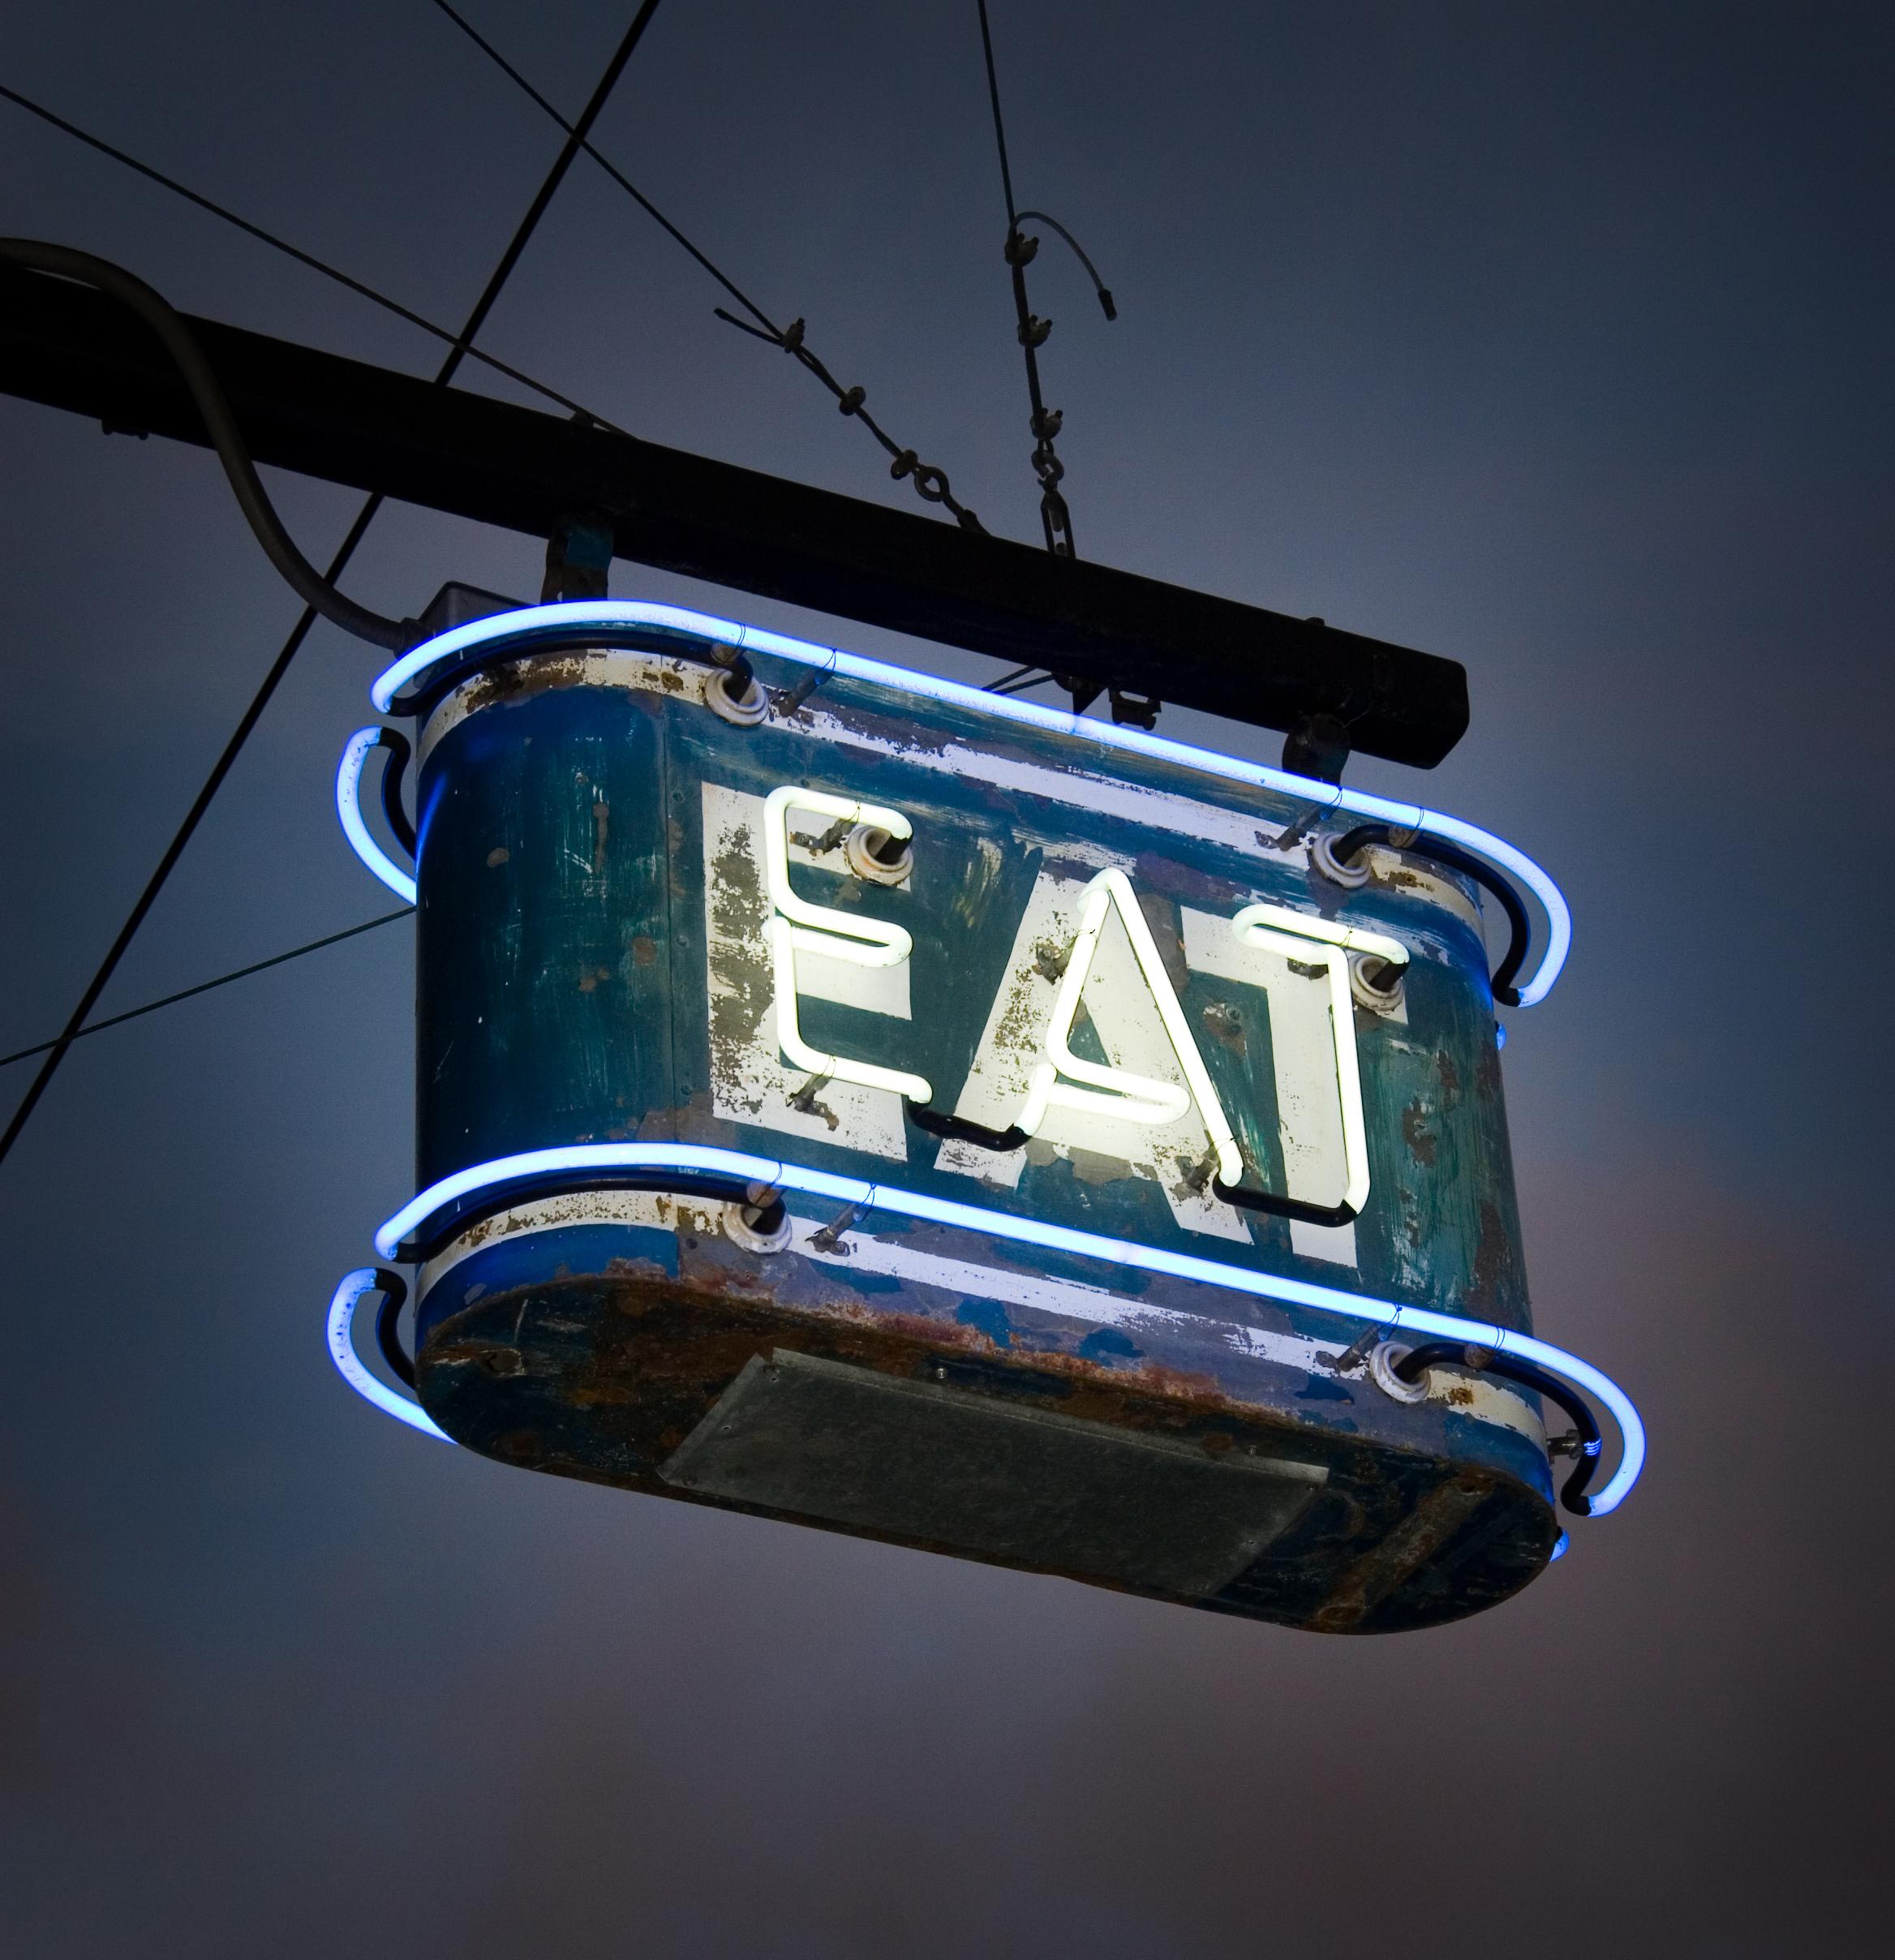 restaurant neon outdoor sign - Agents and Brokers